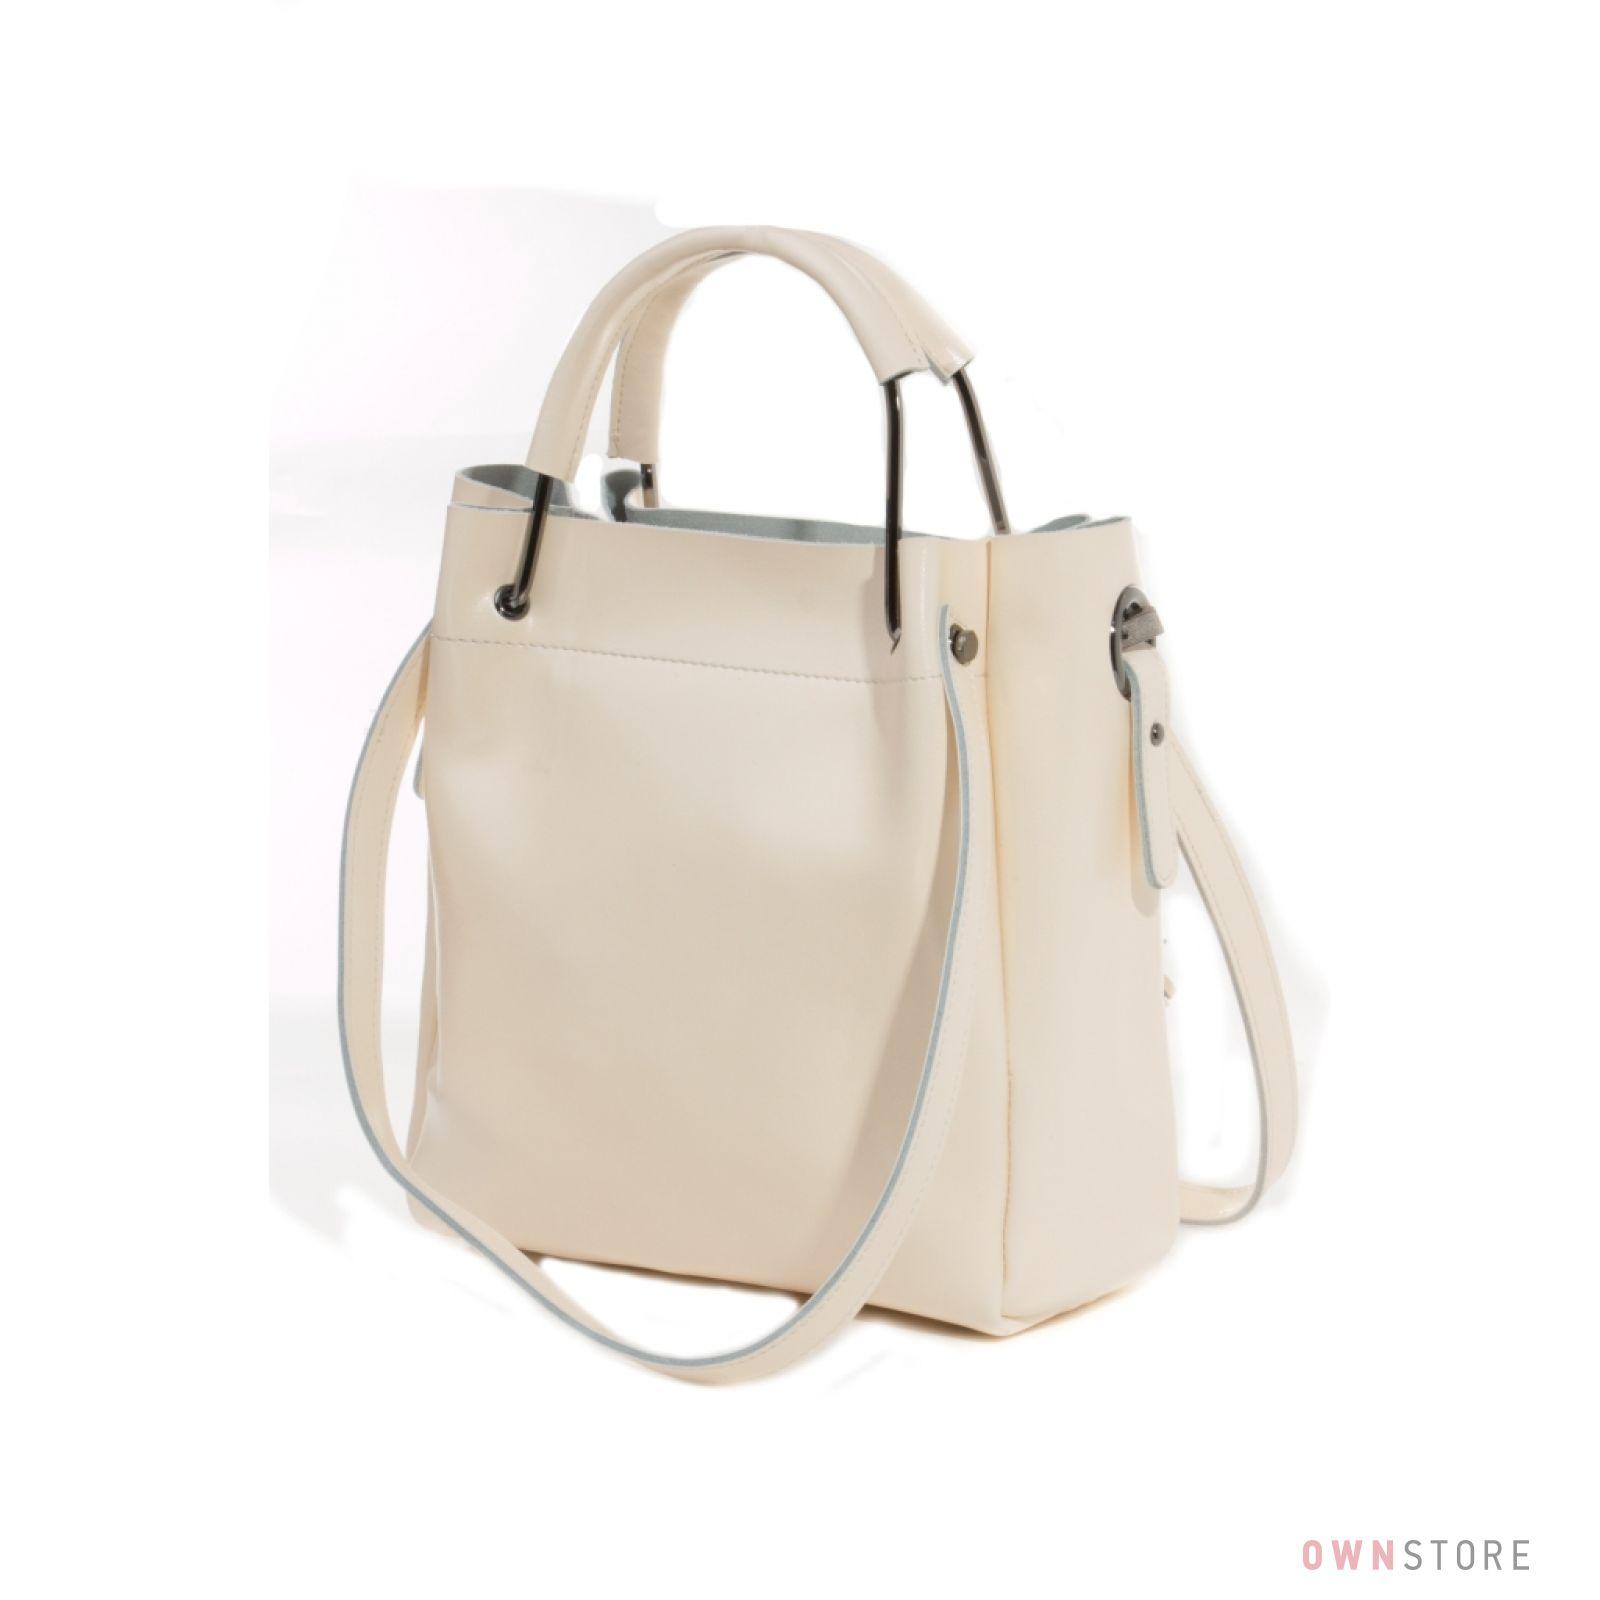 Женская кожаная кремовая сумка с двумя парами ручек от Farfalla Rosso 0fbd6d80d05